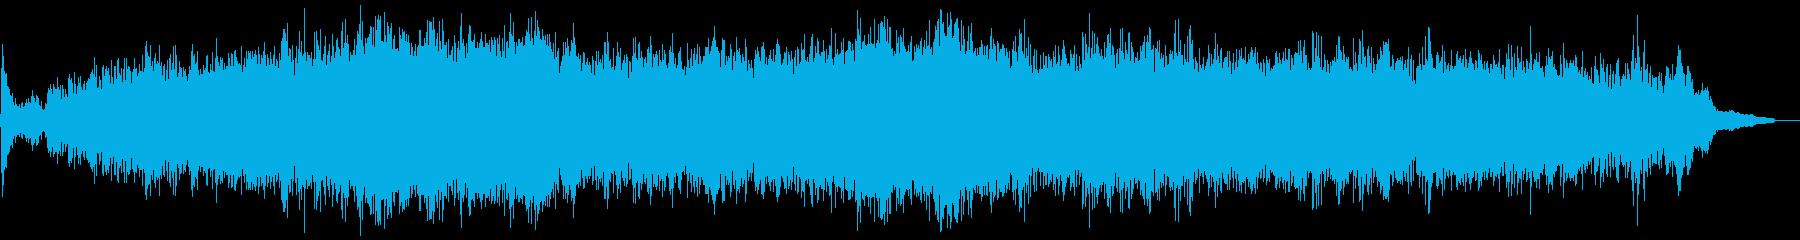 ピアノの入った不思議なアンビエントの再生済みの波形